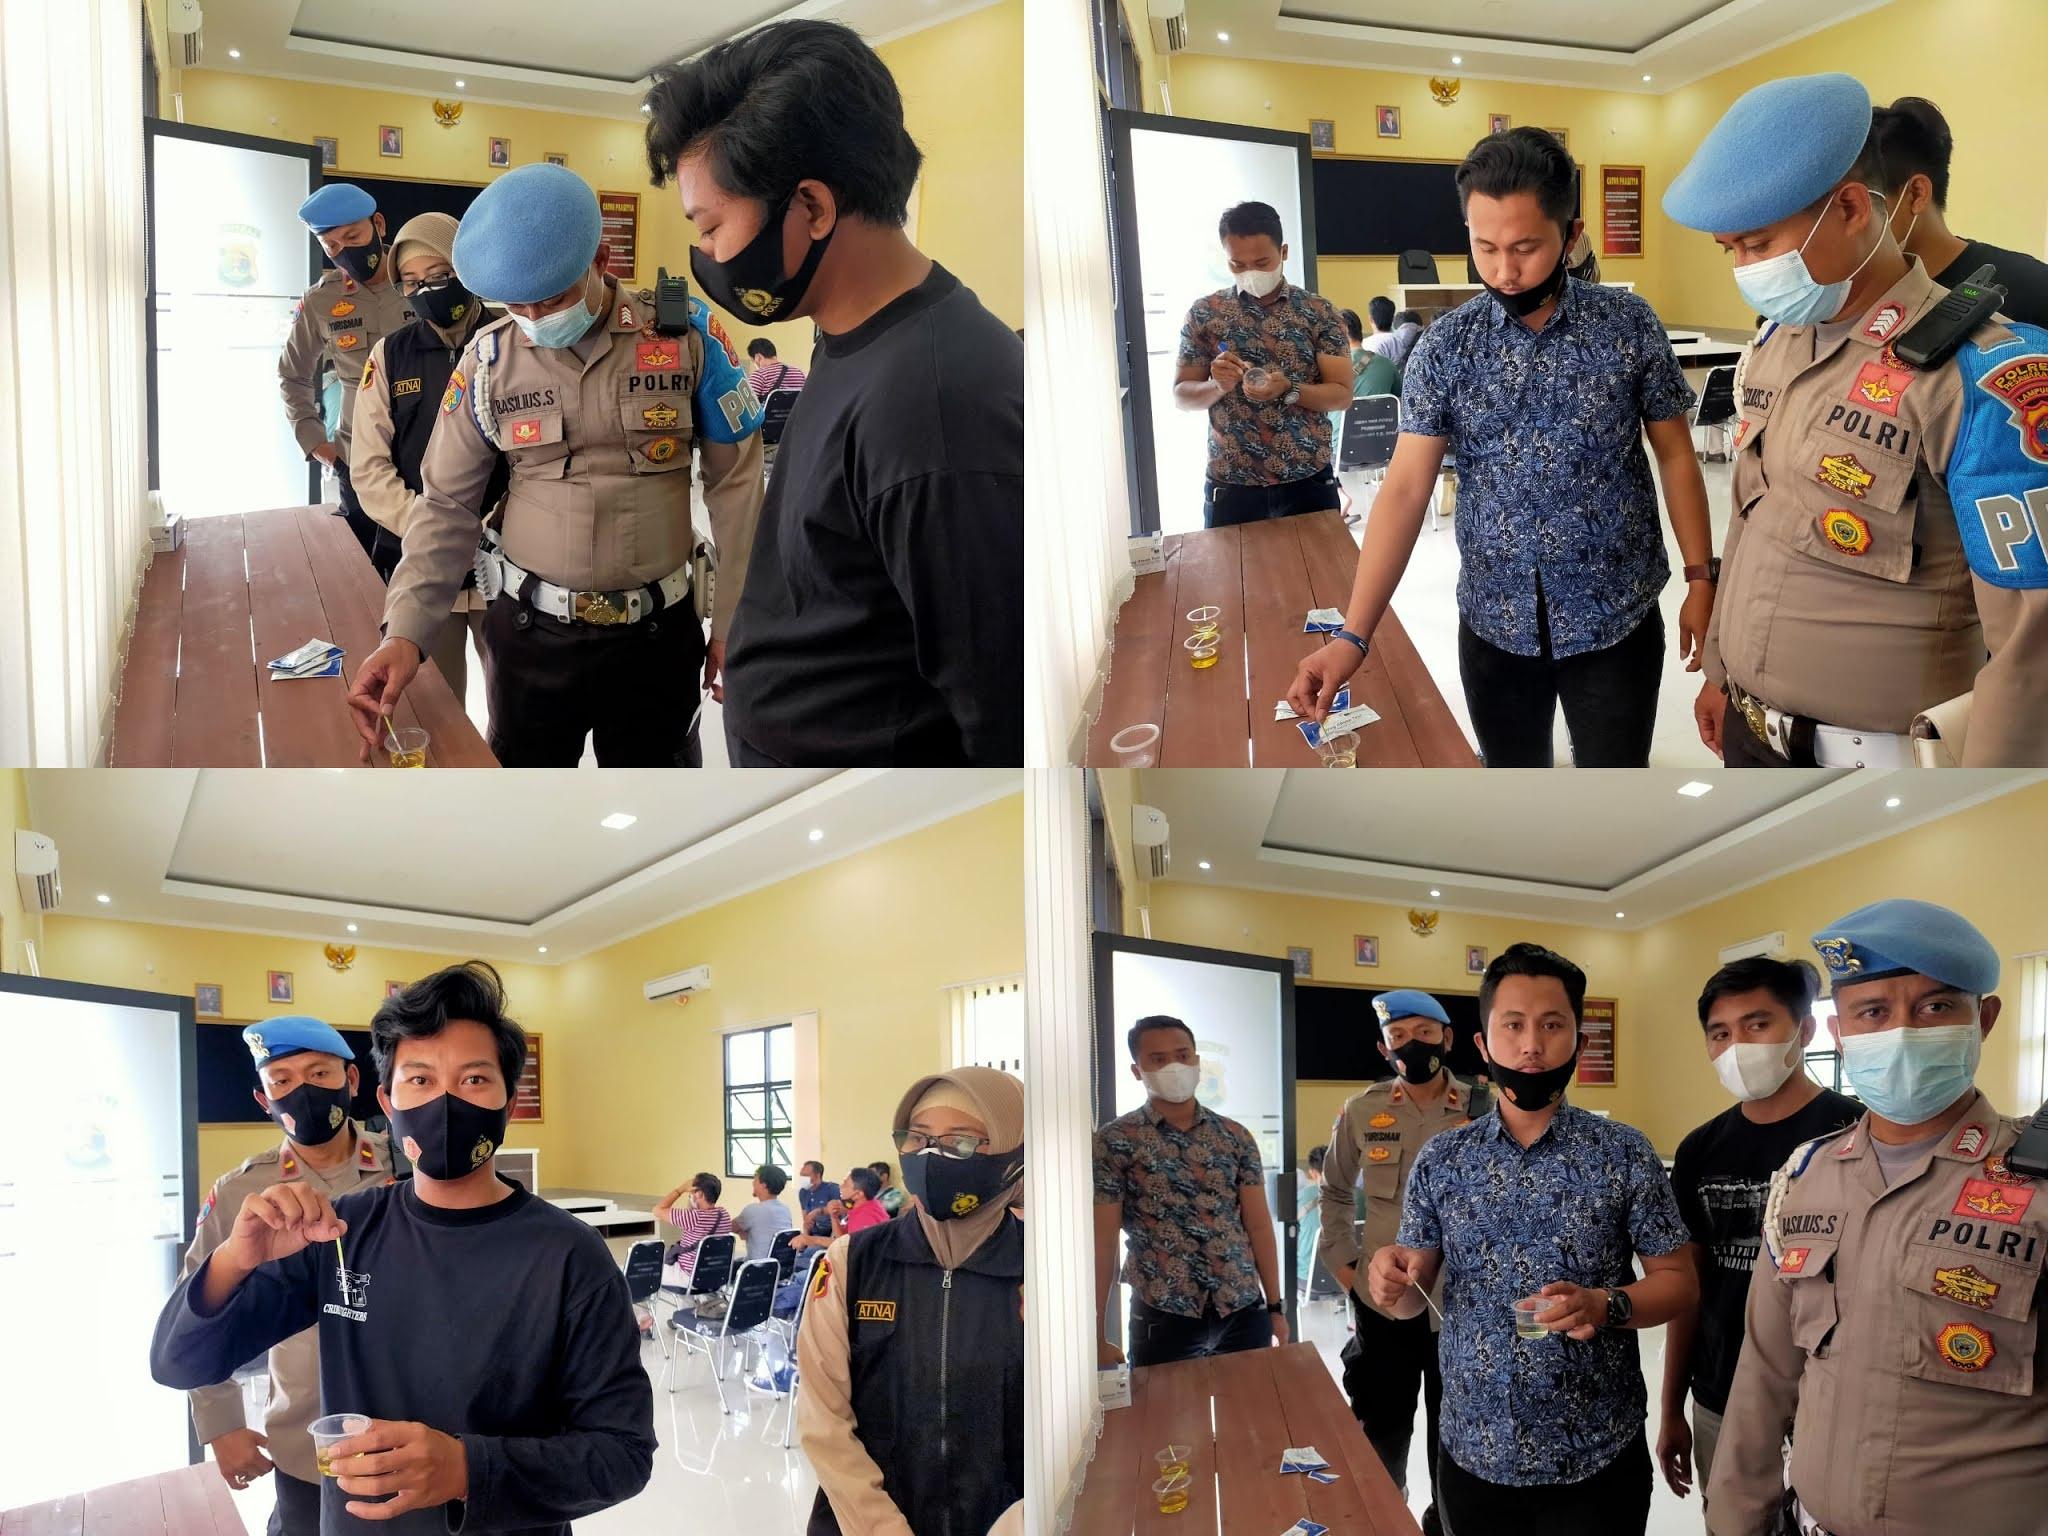 Propam Polres Pesawaran yang didampingi oleh Urkes Bag Sumda Polres Pesawaran melaksanakan tes urine terhadap personel Operasional Sat Reskrim, Sat Resnarkoba dan Sat Intelkam Polres Pesawaran